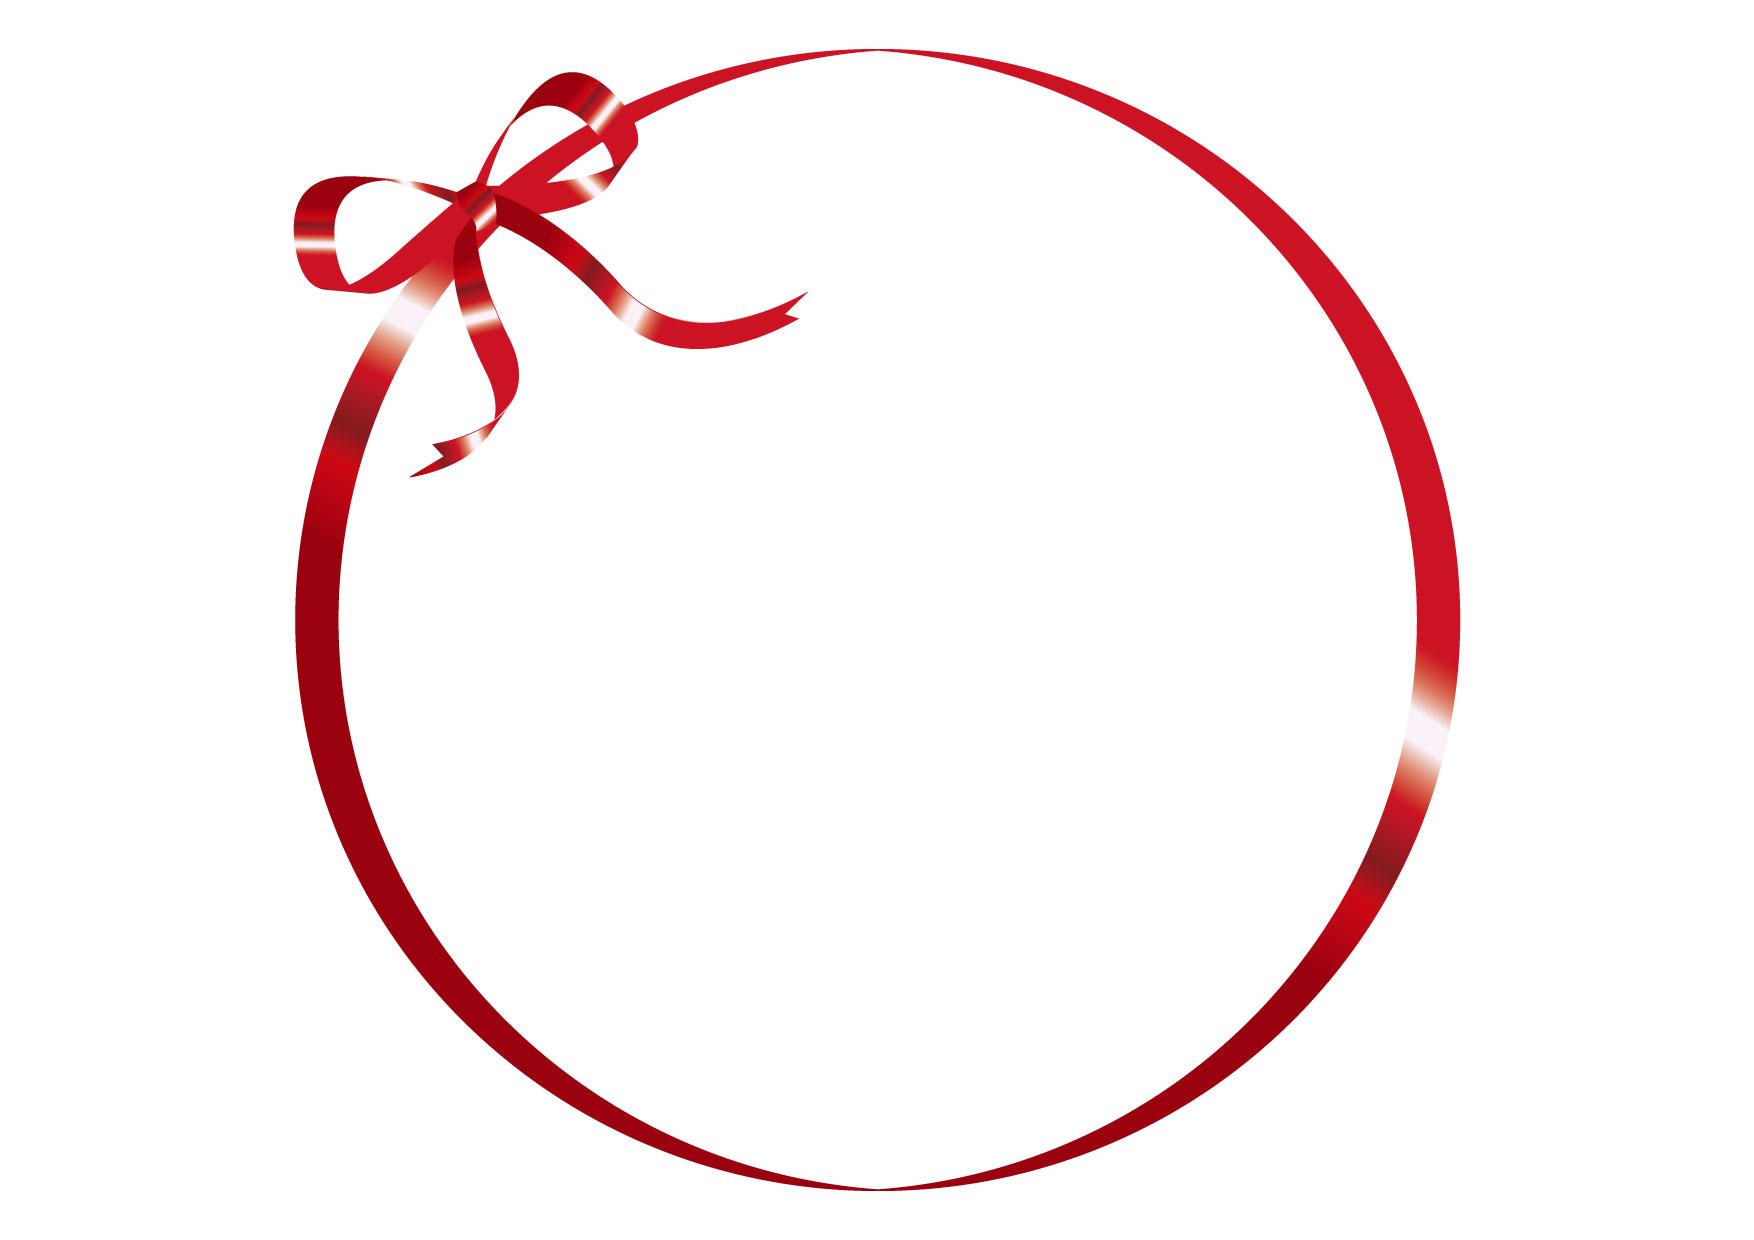 可愛いイラスト無料|リボン フレーム 赤色 − free illustration Ribbon frame red